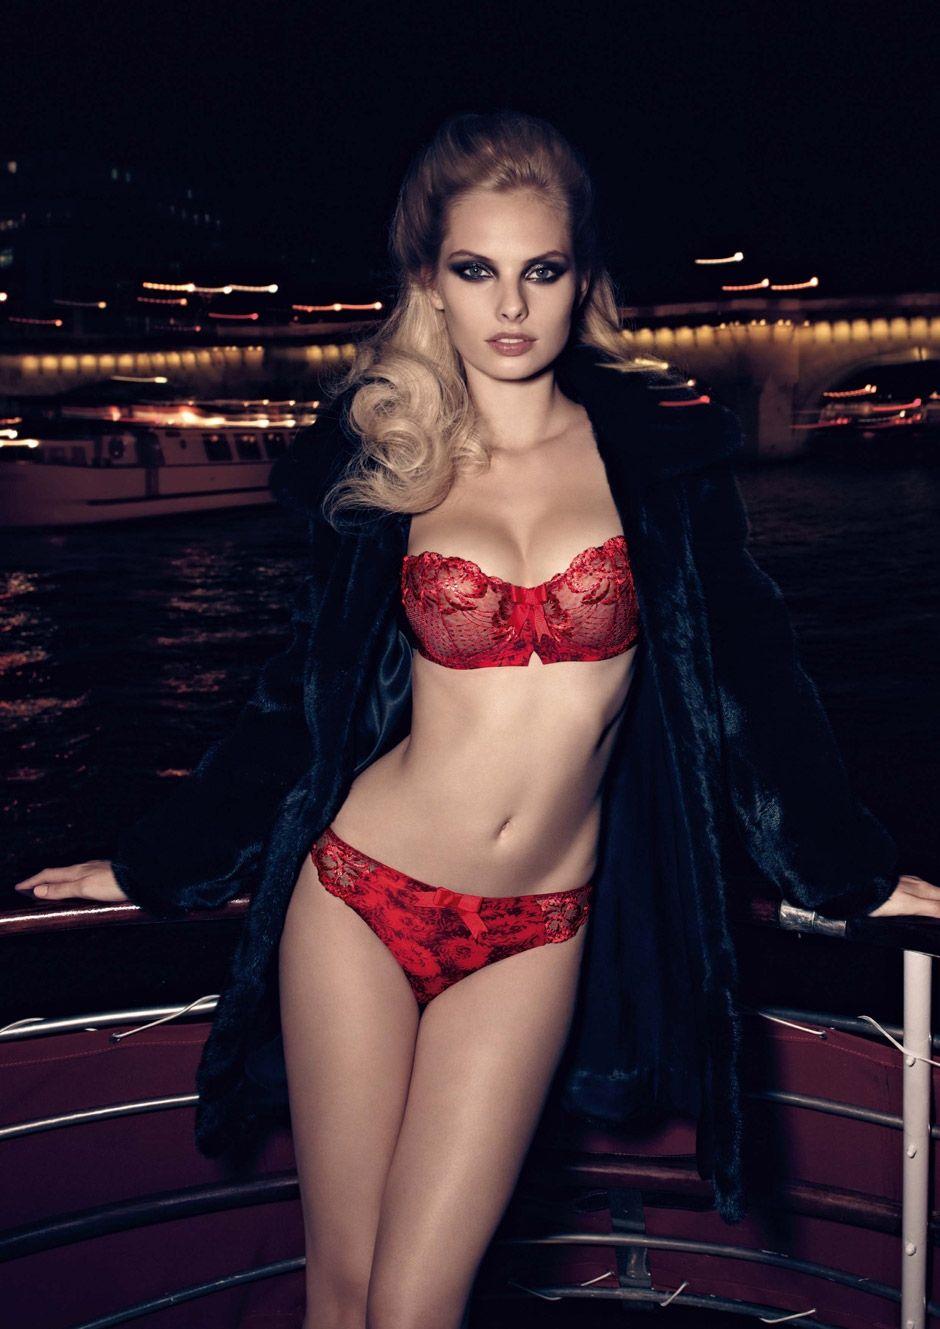 Hot Dioni Tabber nude (26 photos), Hot